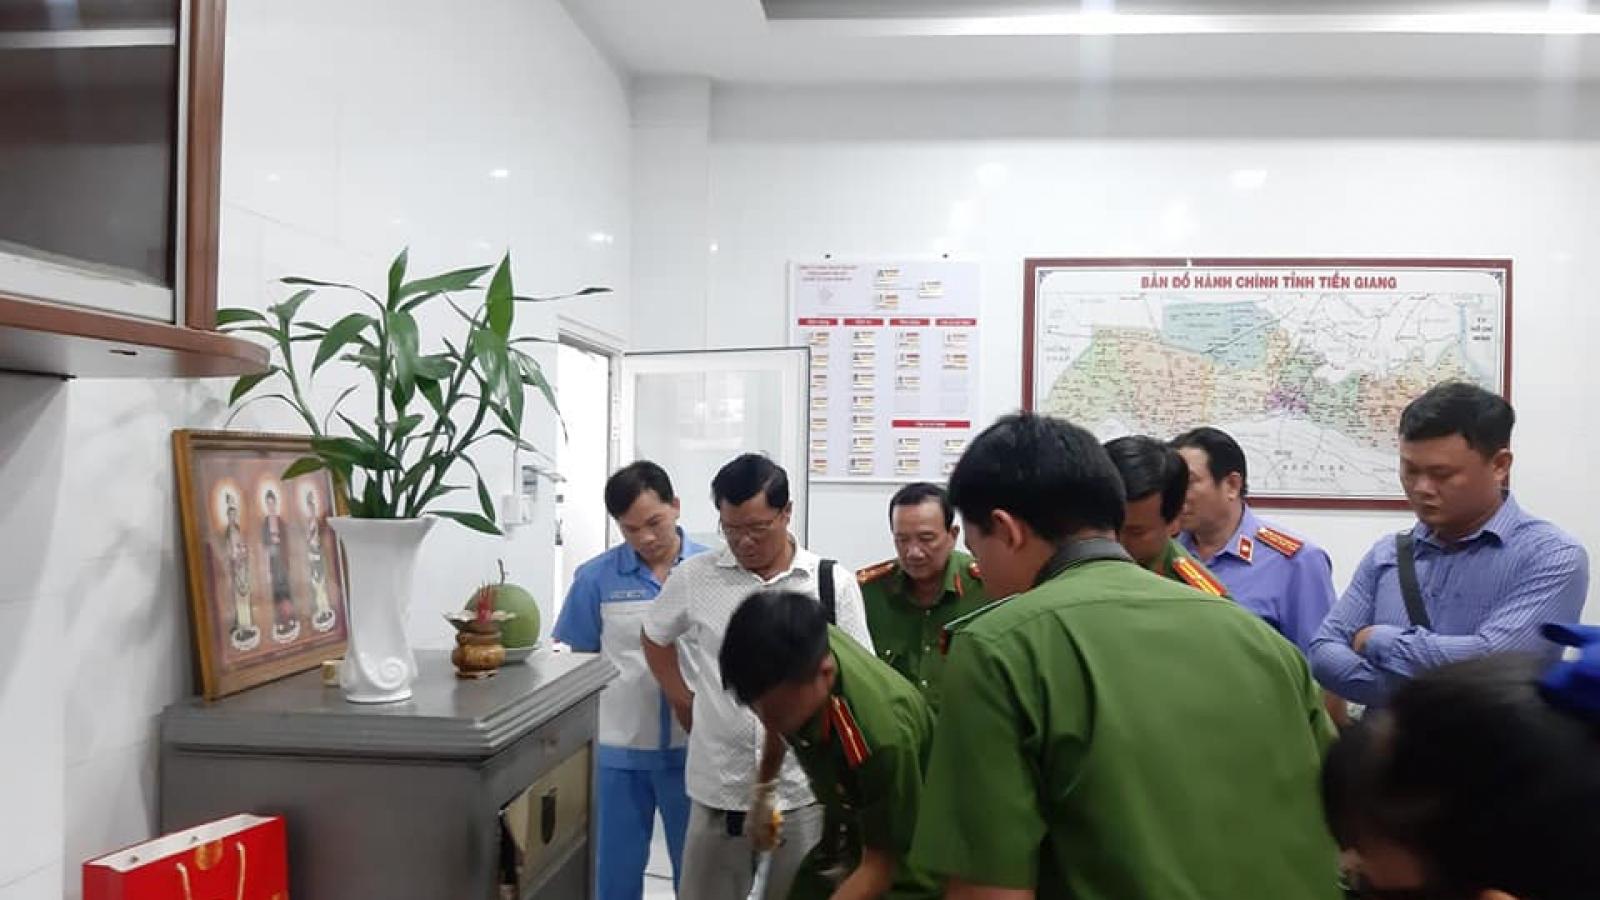 Tiền Giang:Cảnh báo kẻ trộm đột nhập từ nóc nhà vào lấy tài sản